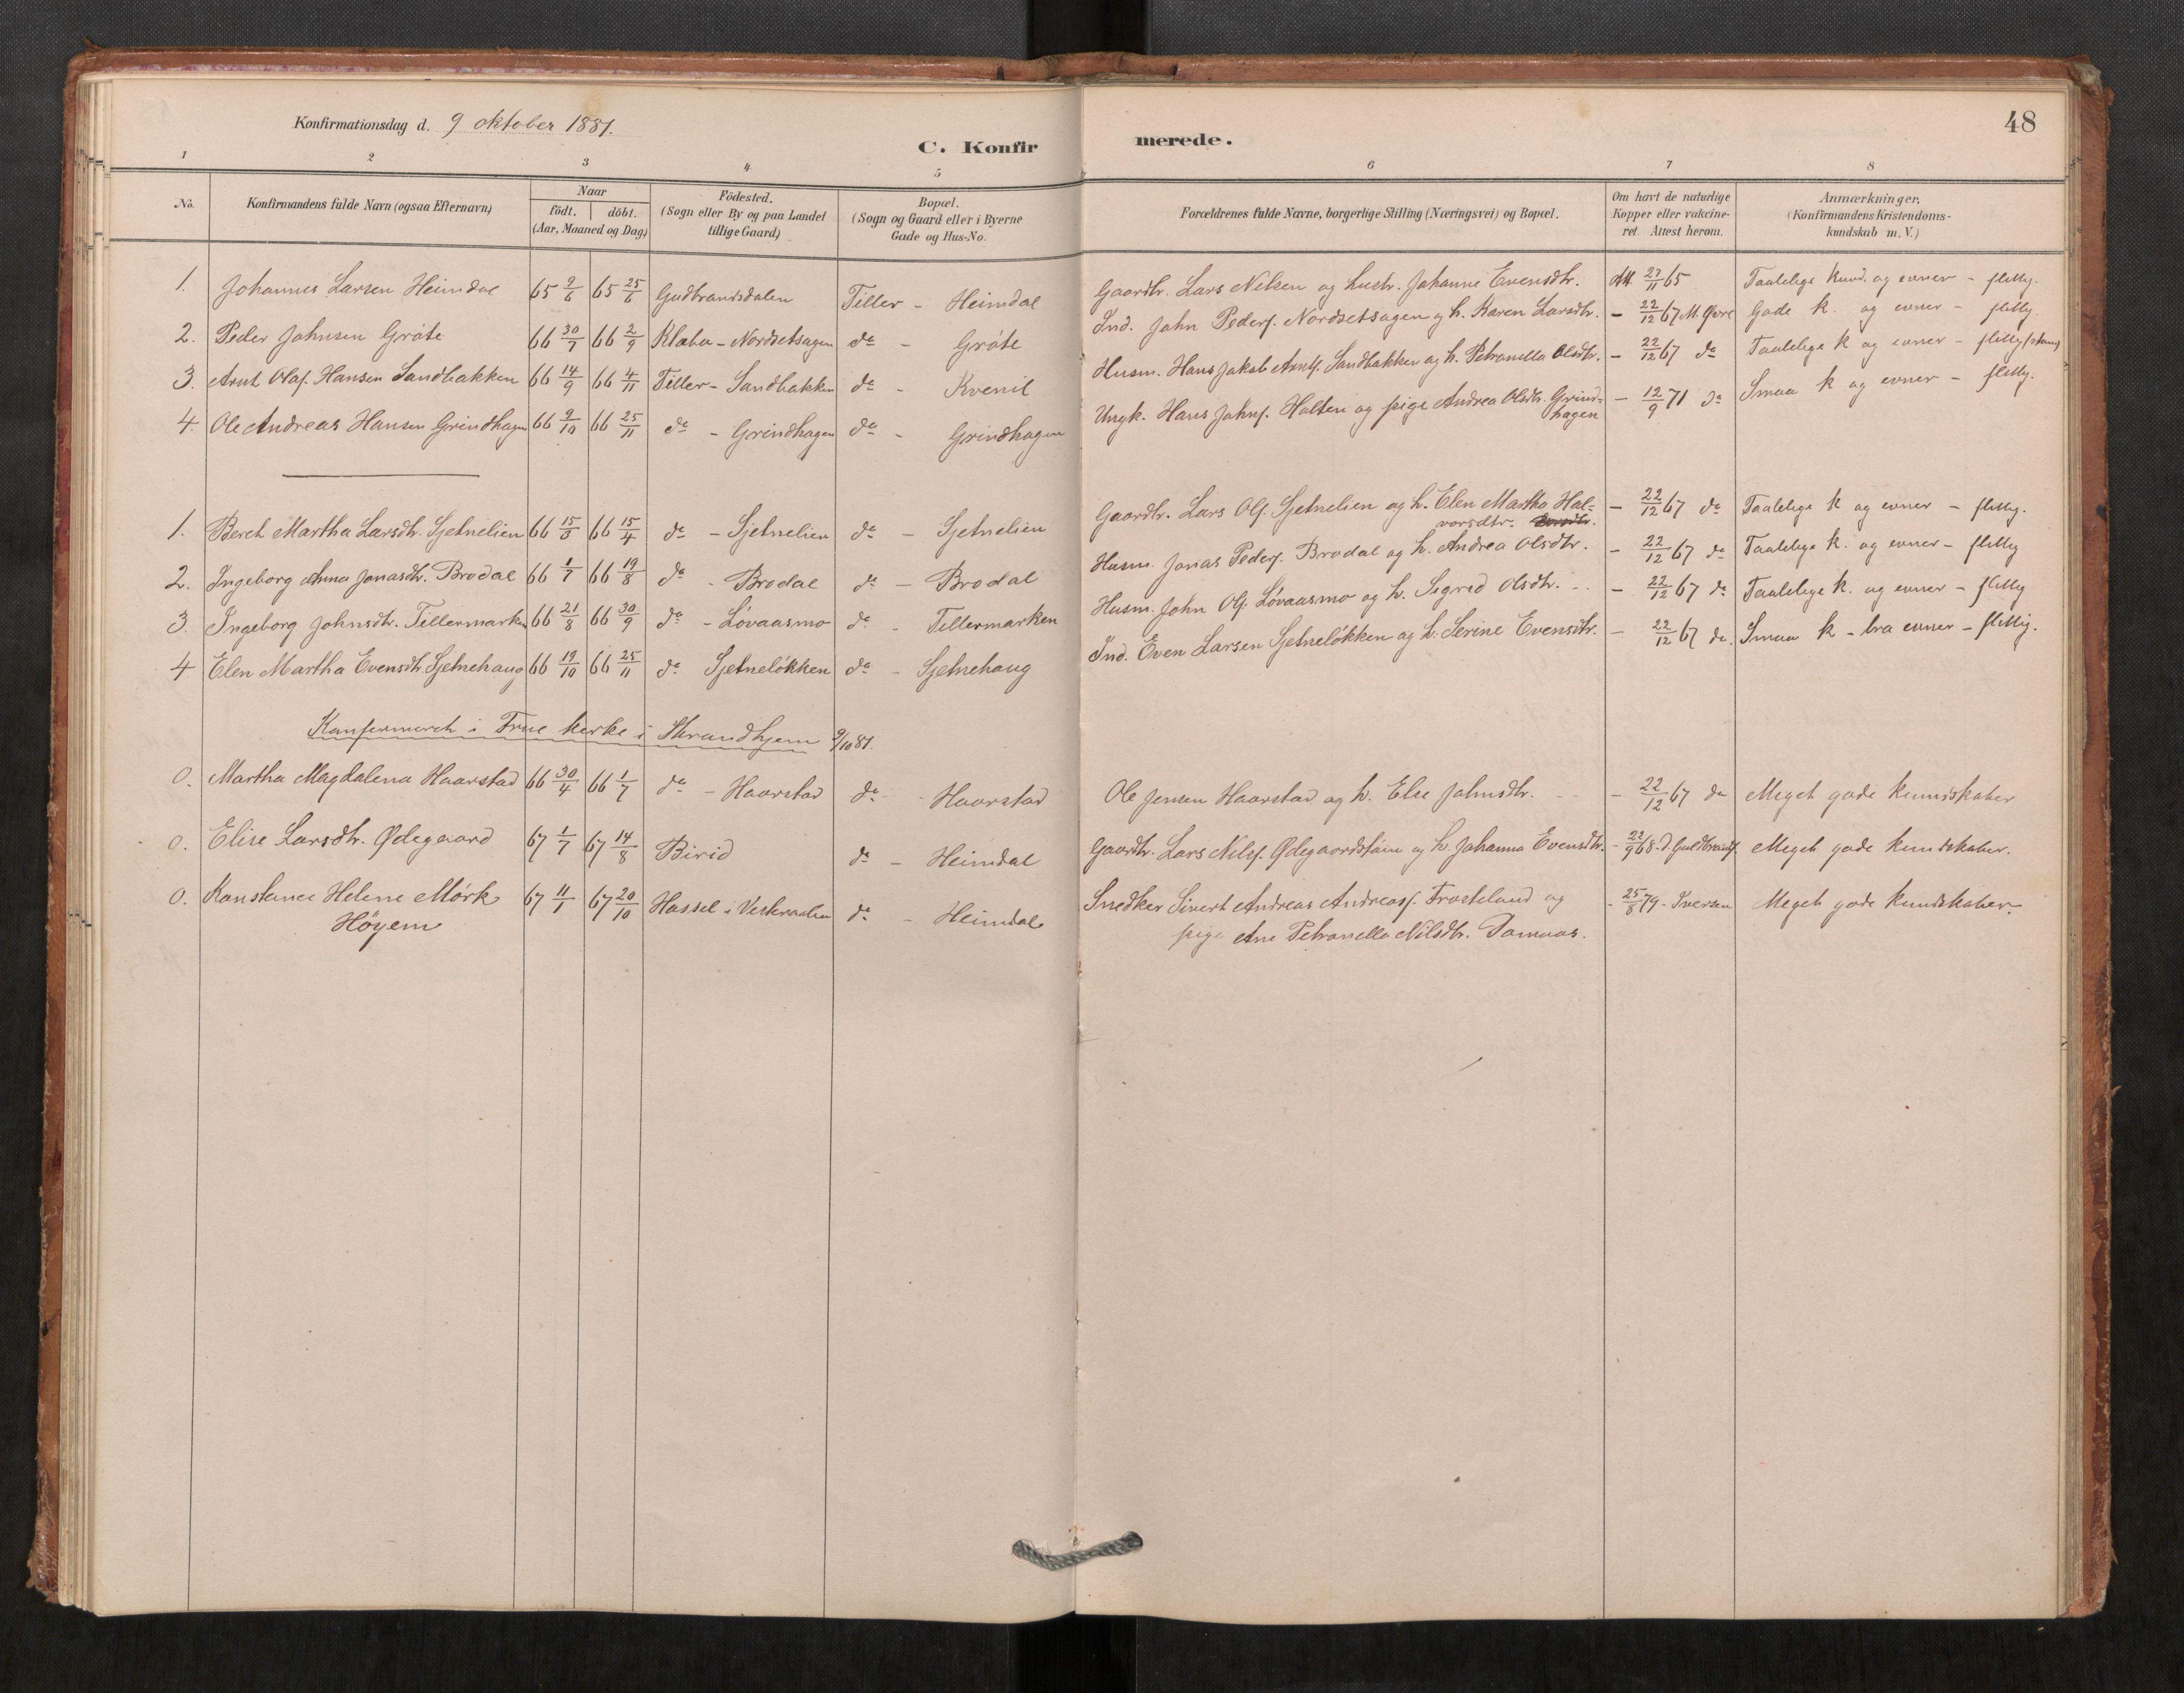 SAT, Klæbu sokneprestkontor, Parish register (official) no. 1, 1880-1900, p. 48